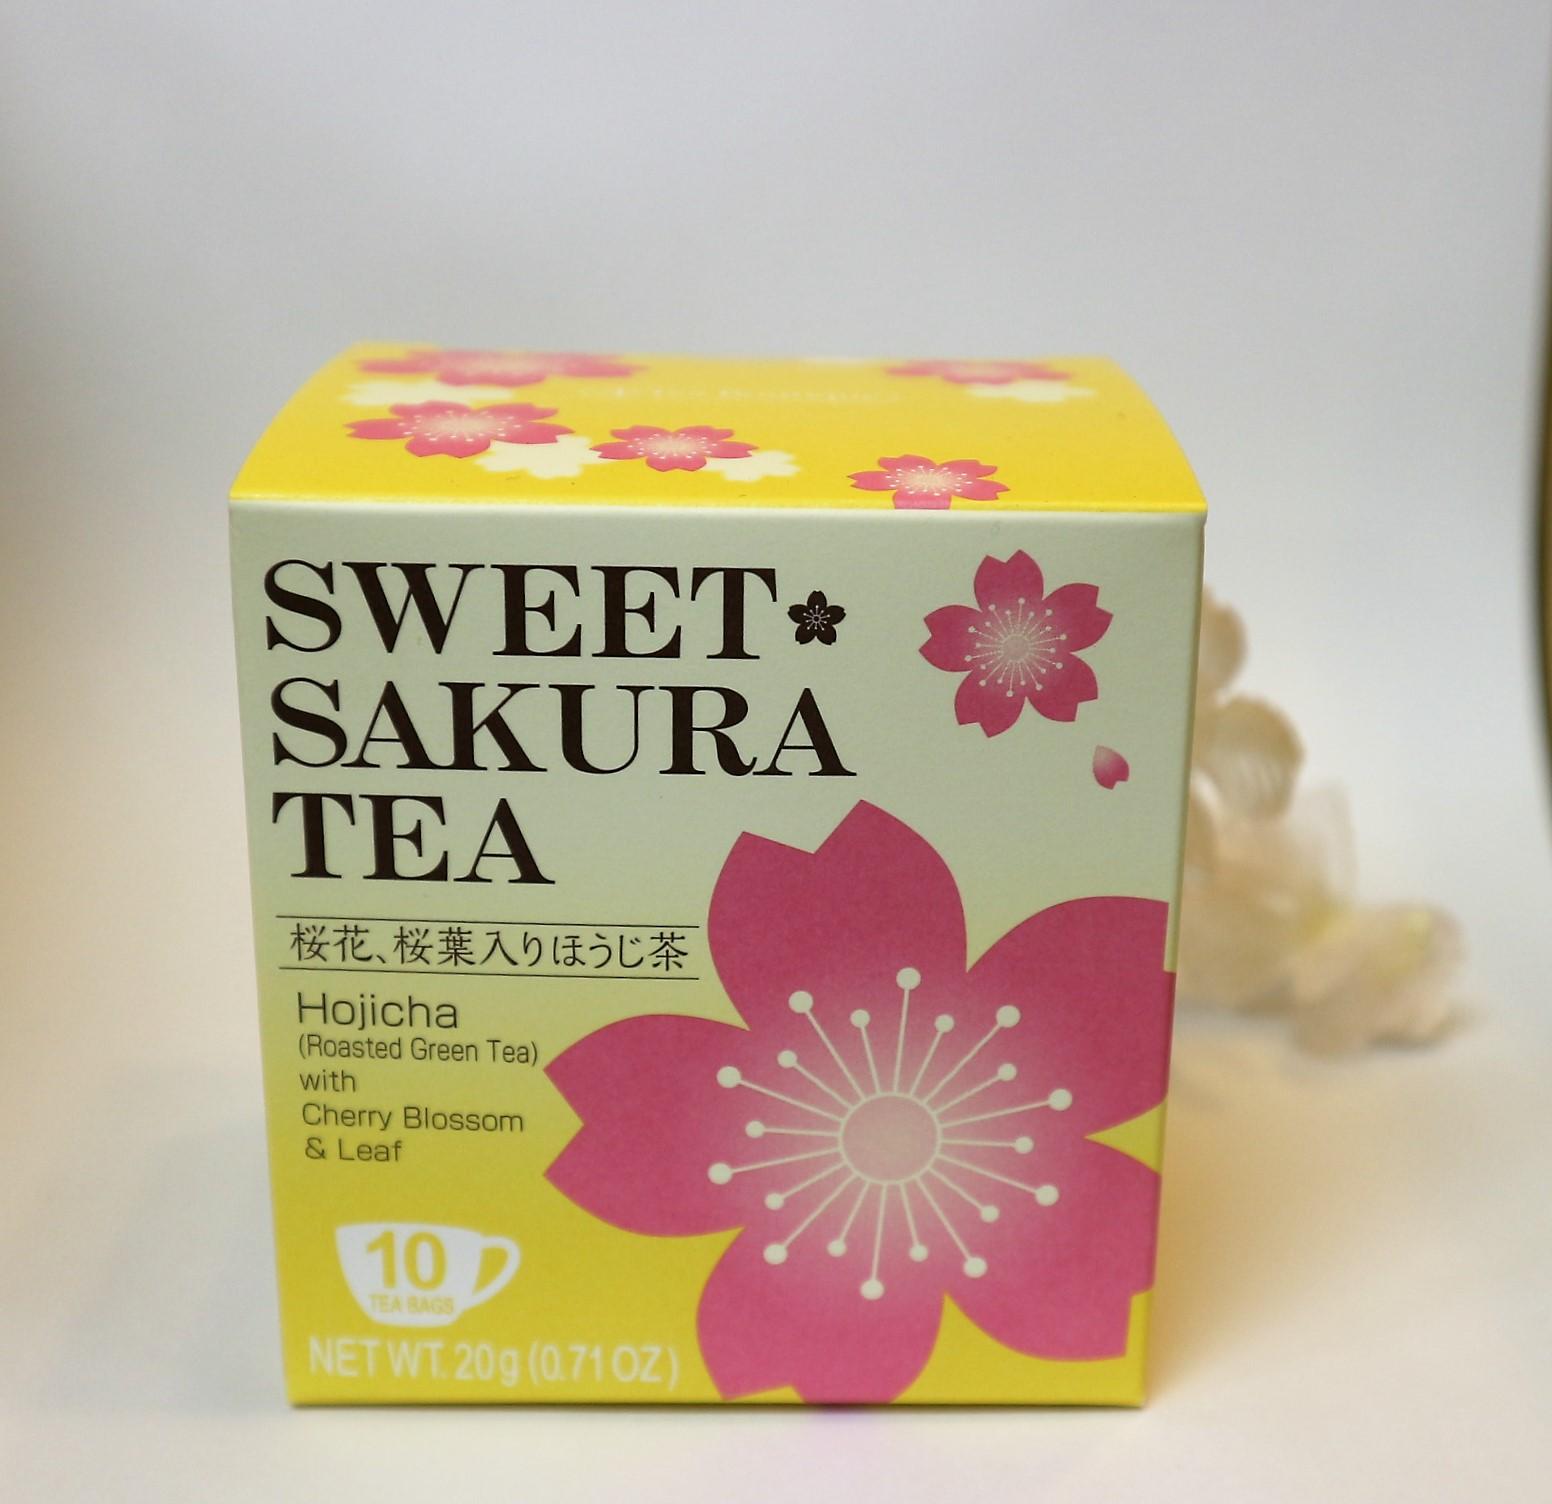 桜咲く・春のひと品♪スイートサクラティー◇ほうじ茶【便利なティーパッグ】